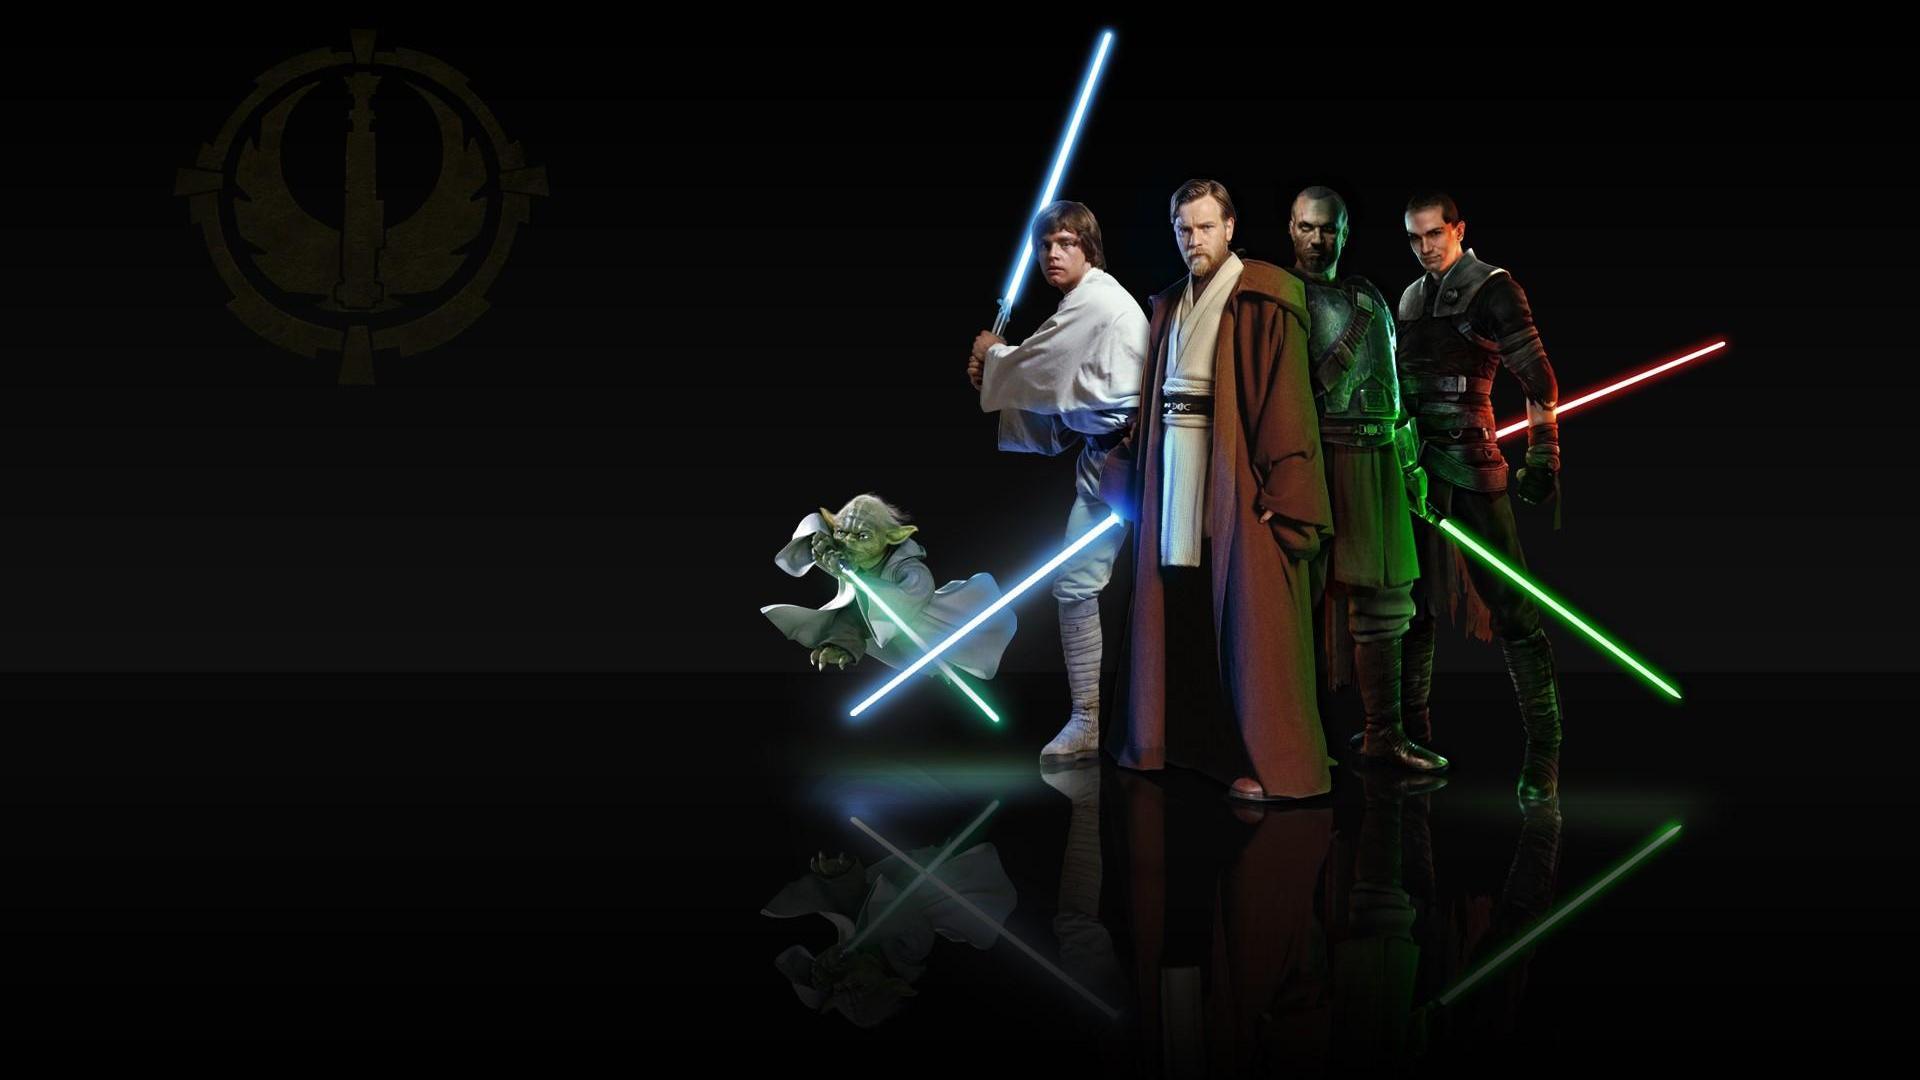 Free Download Star Wars Jedi Obi Wan Kenobi Light Side 1080x1920